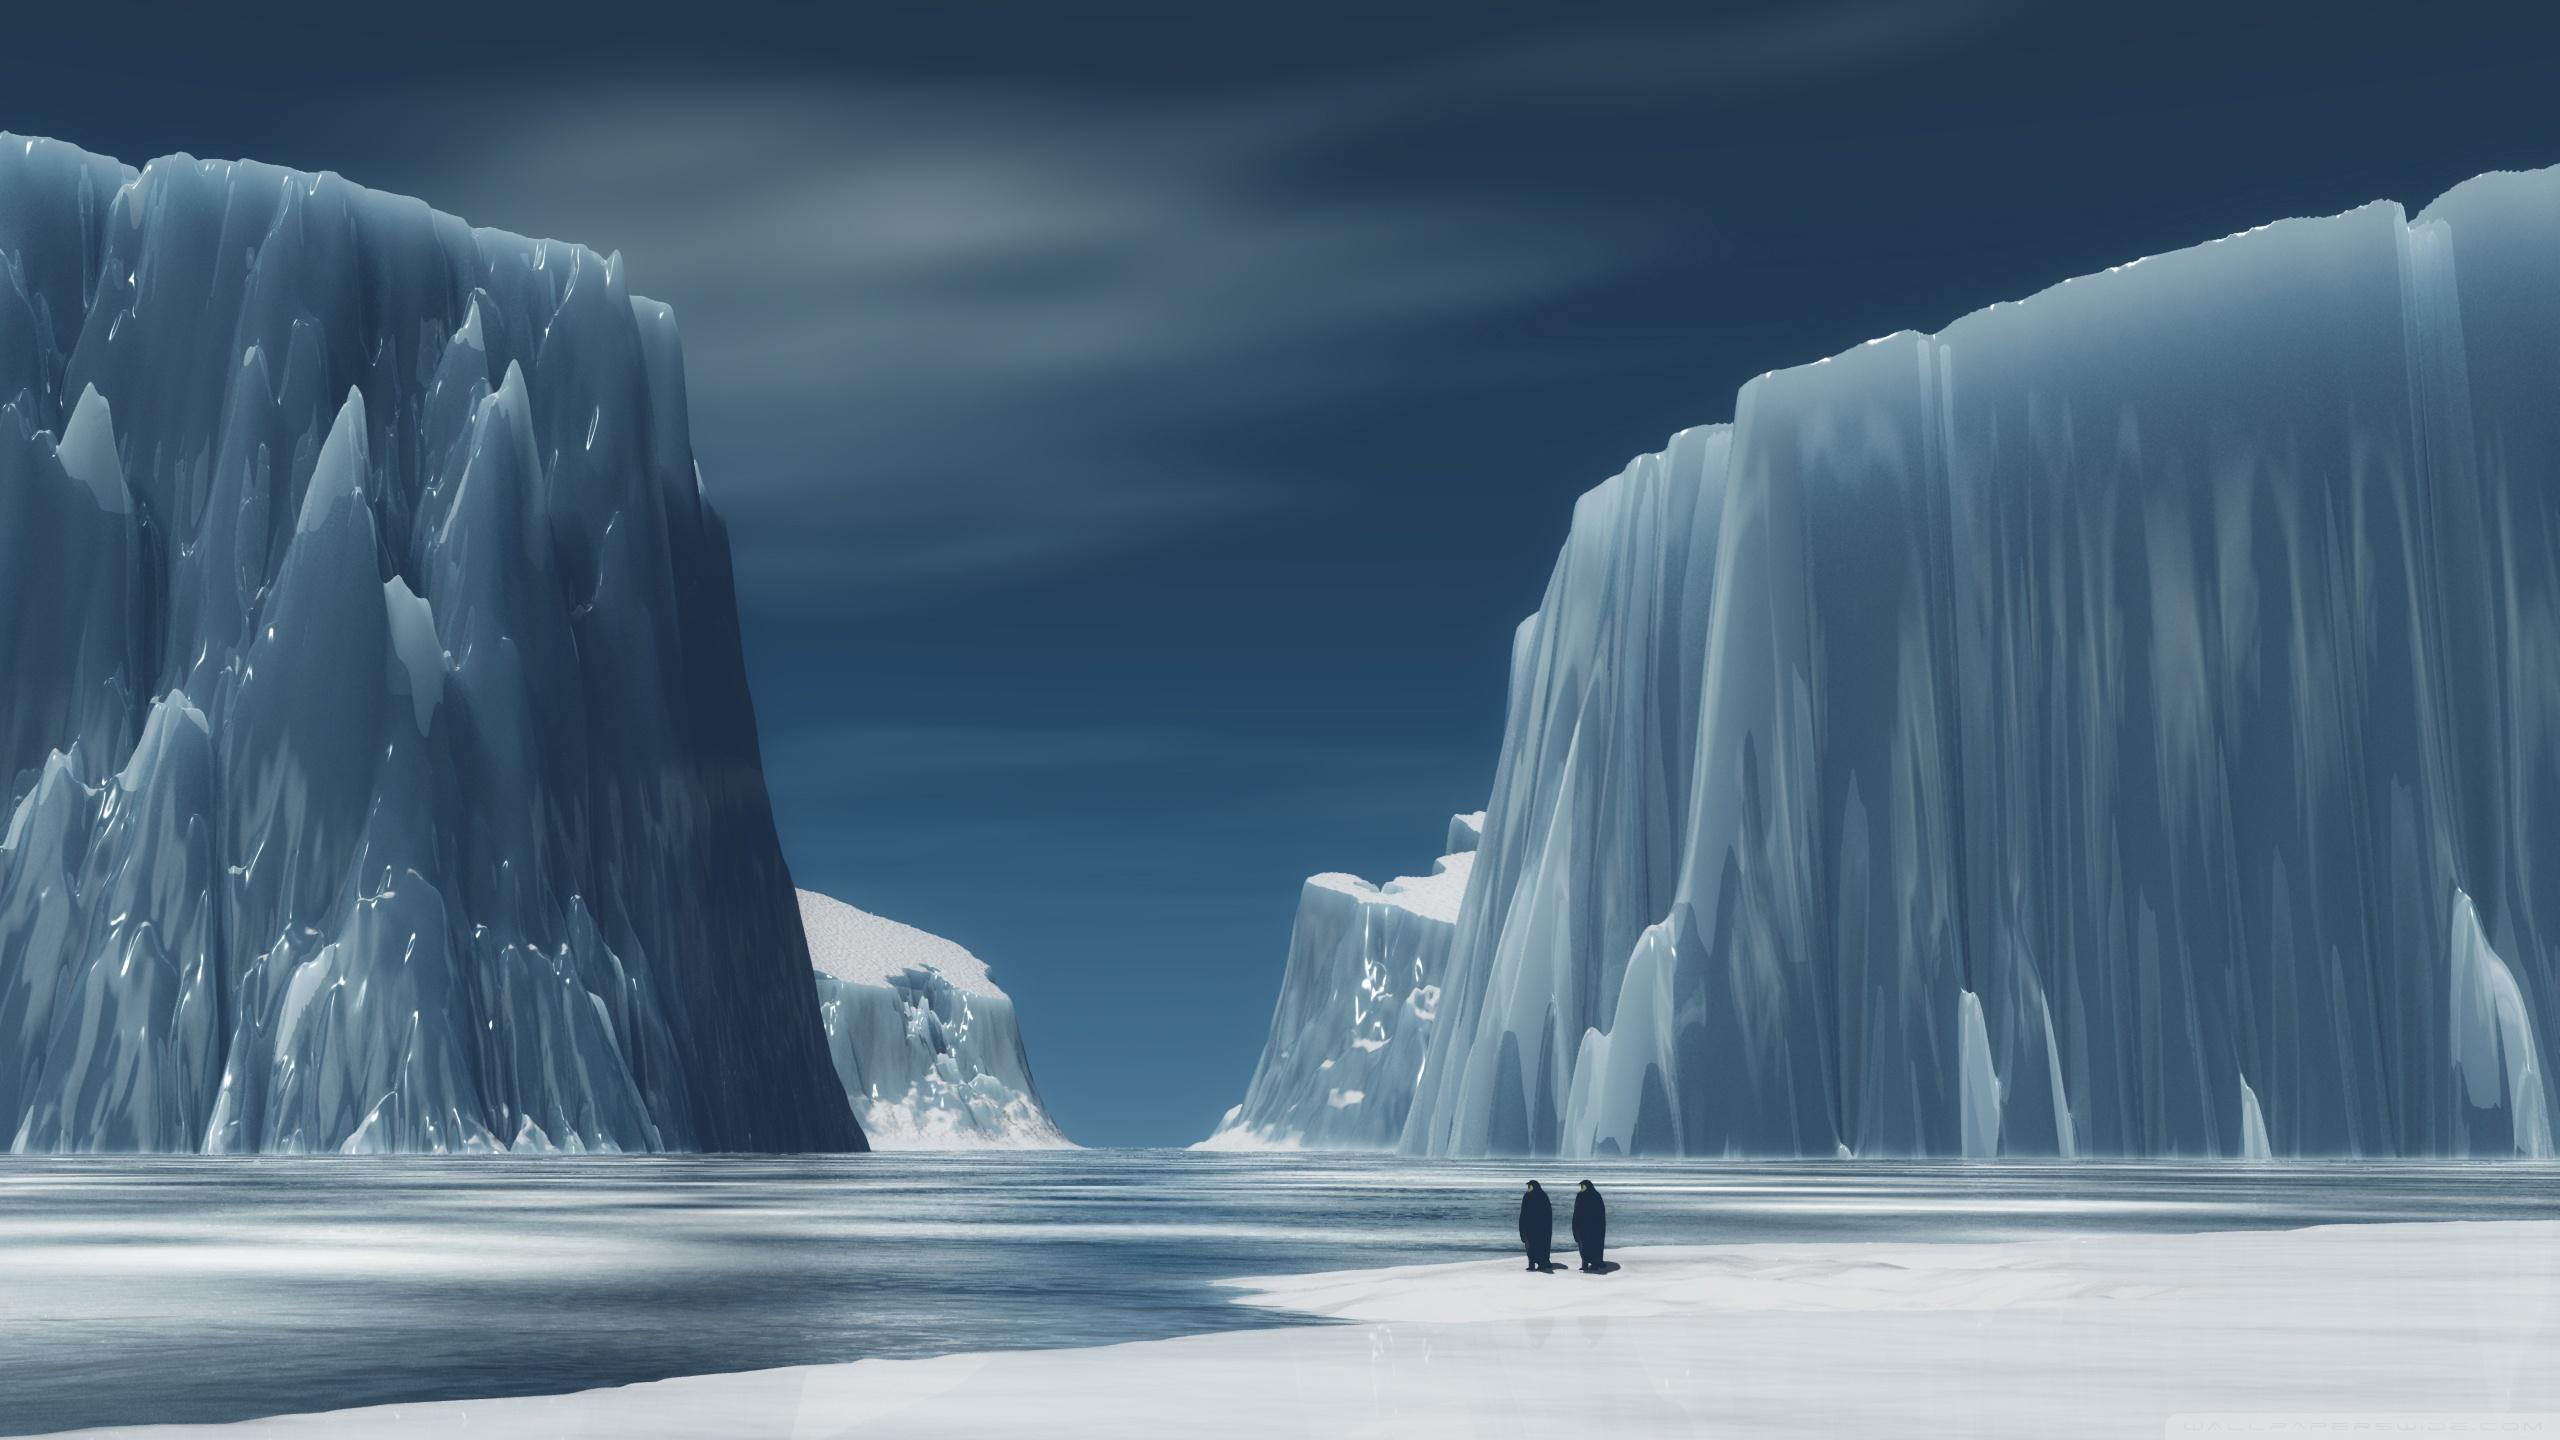 Free Widescreen Wallpaper Fall Hd Antarctica Background Pixelstalk Net